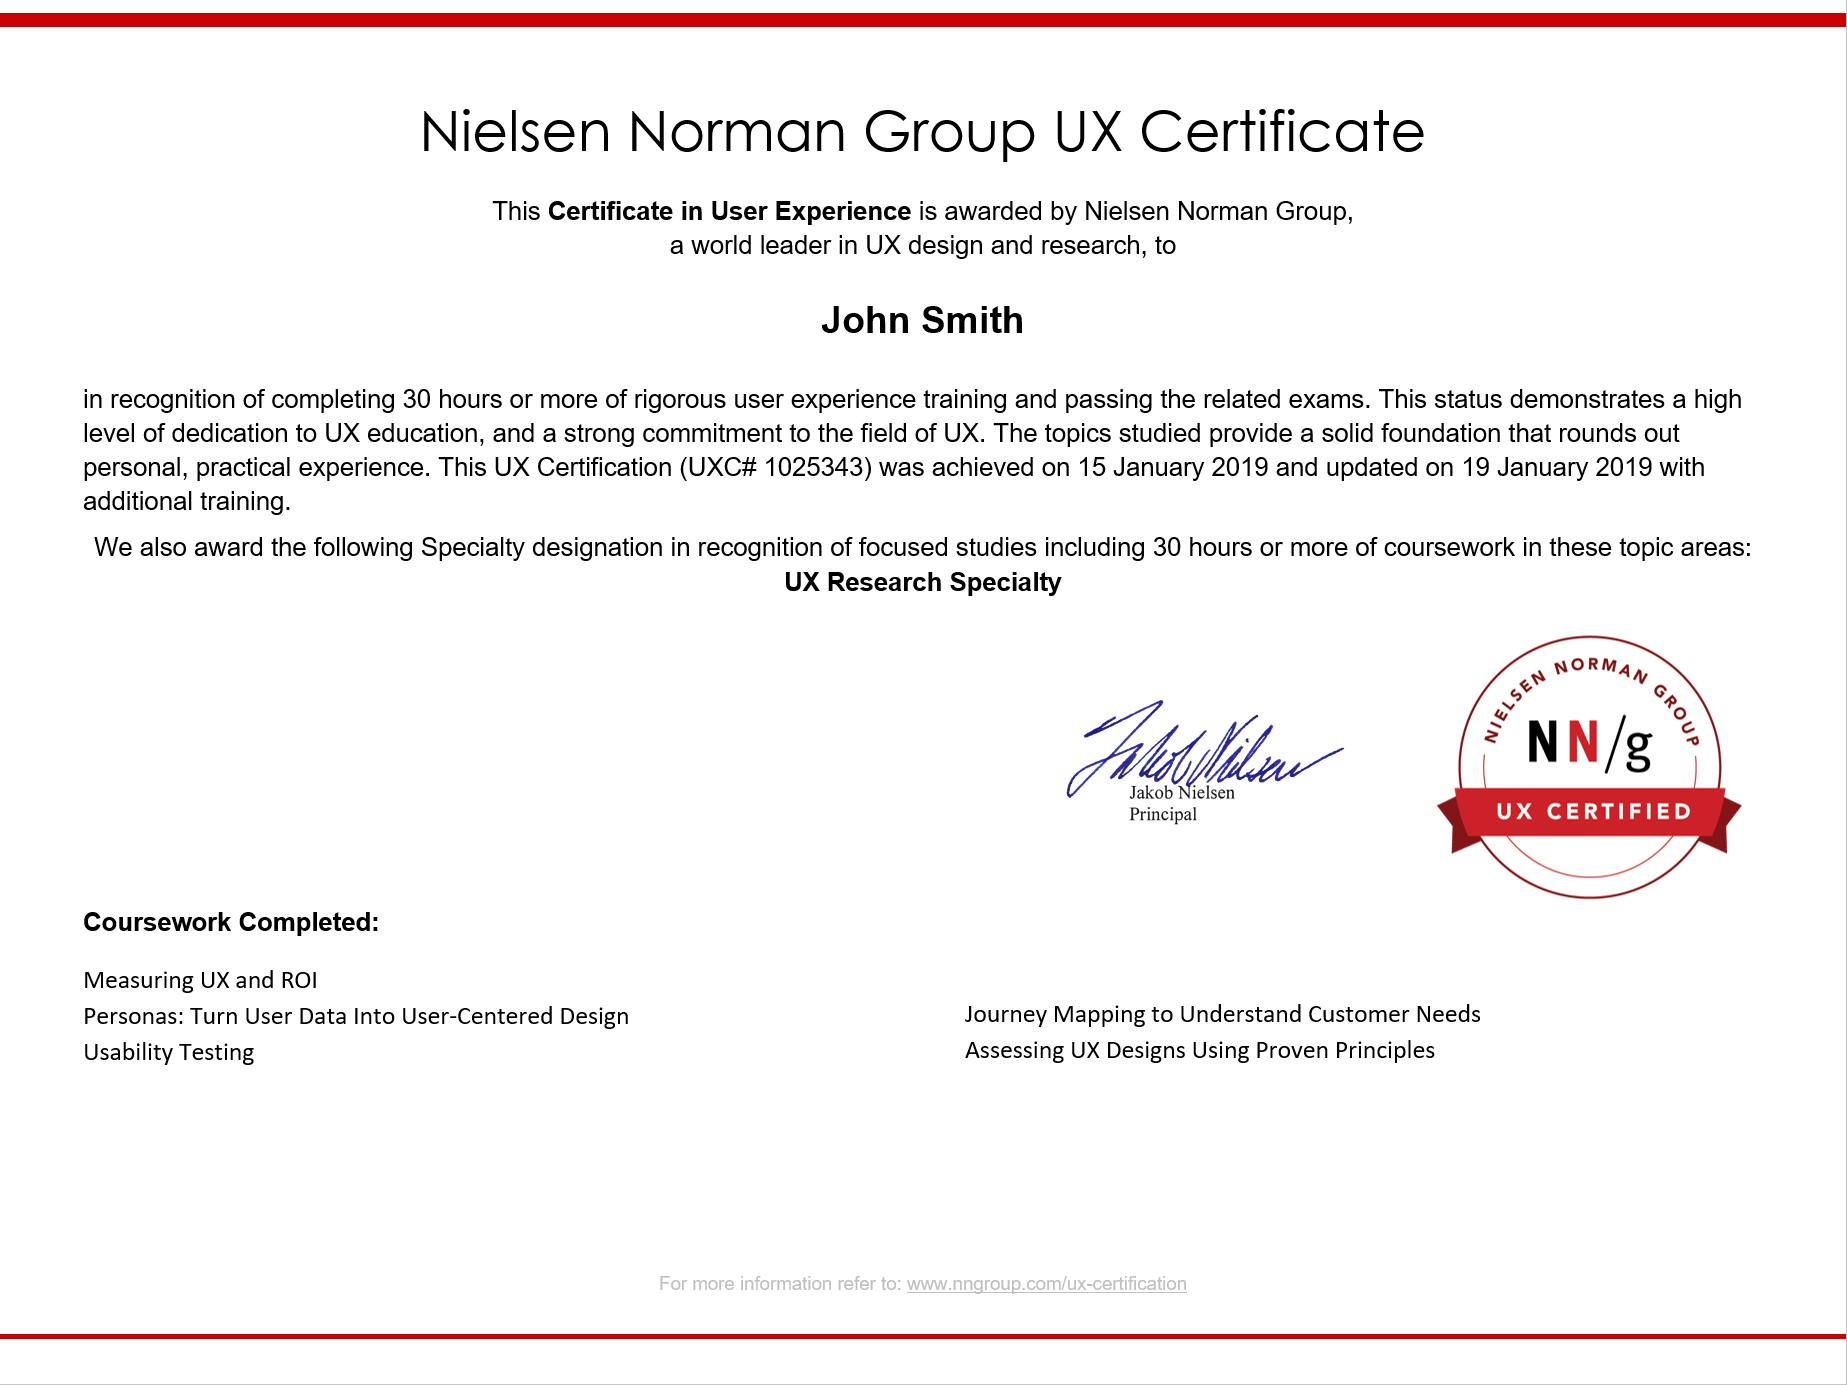 示例UX证书